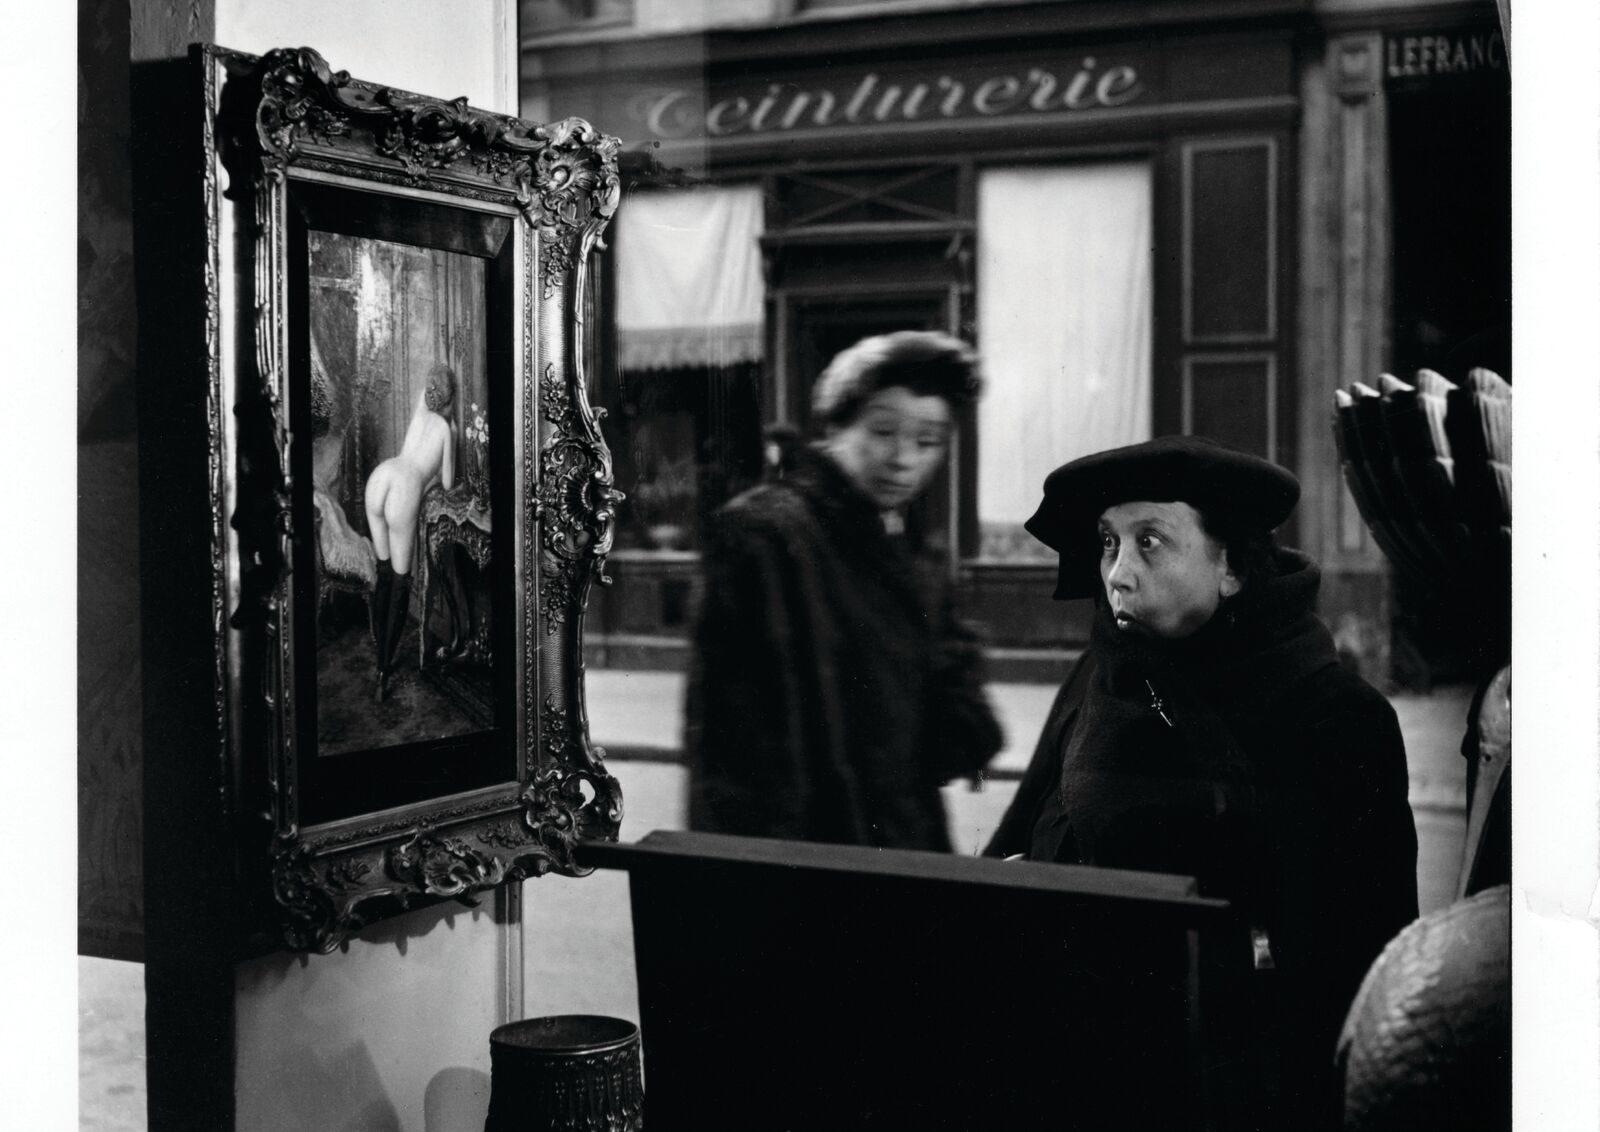 La dame indignée », 1948 (c)Robert Doisneau, article doisneau: déclics et des clichés par mina sidi ali pour go out magazine mai 2018